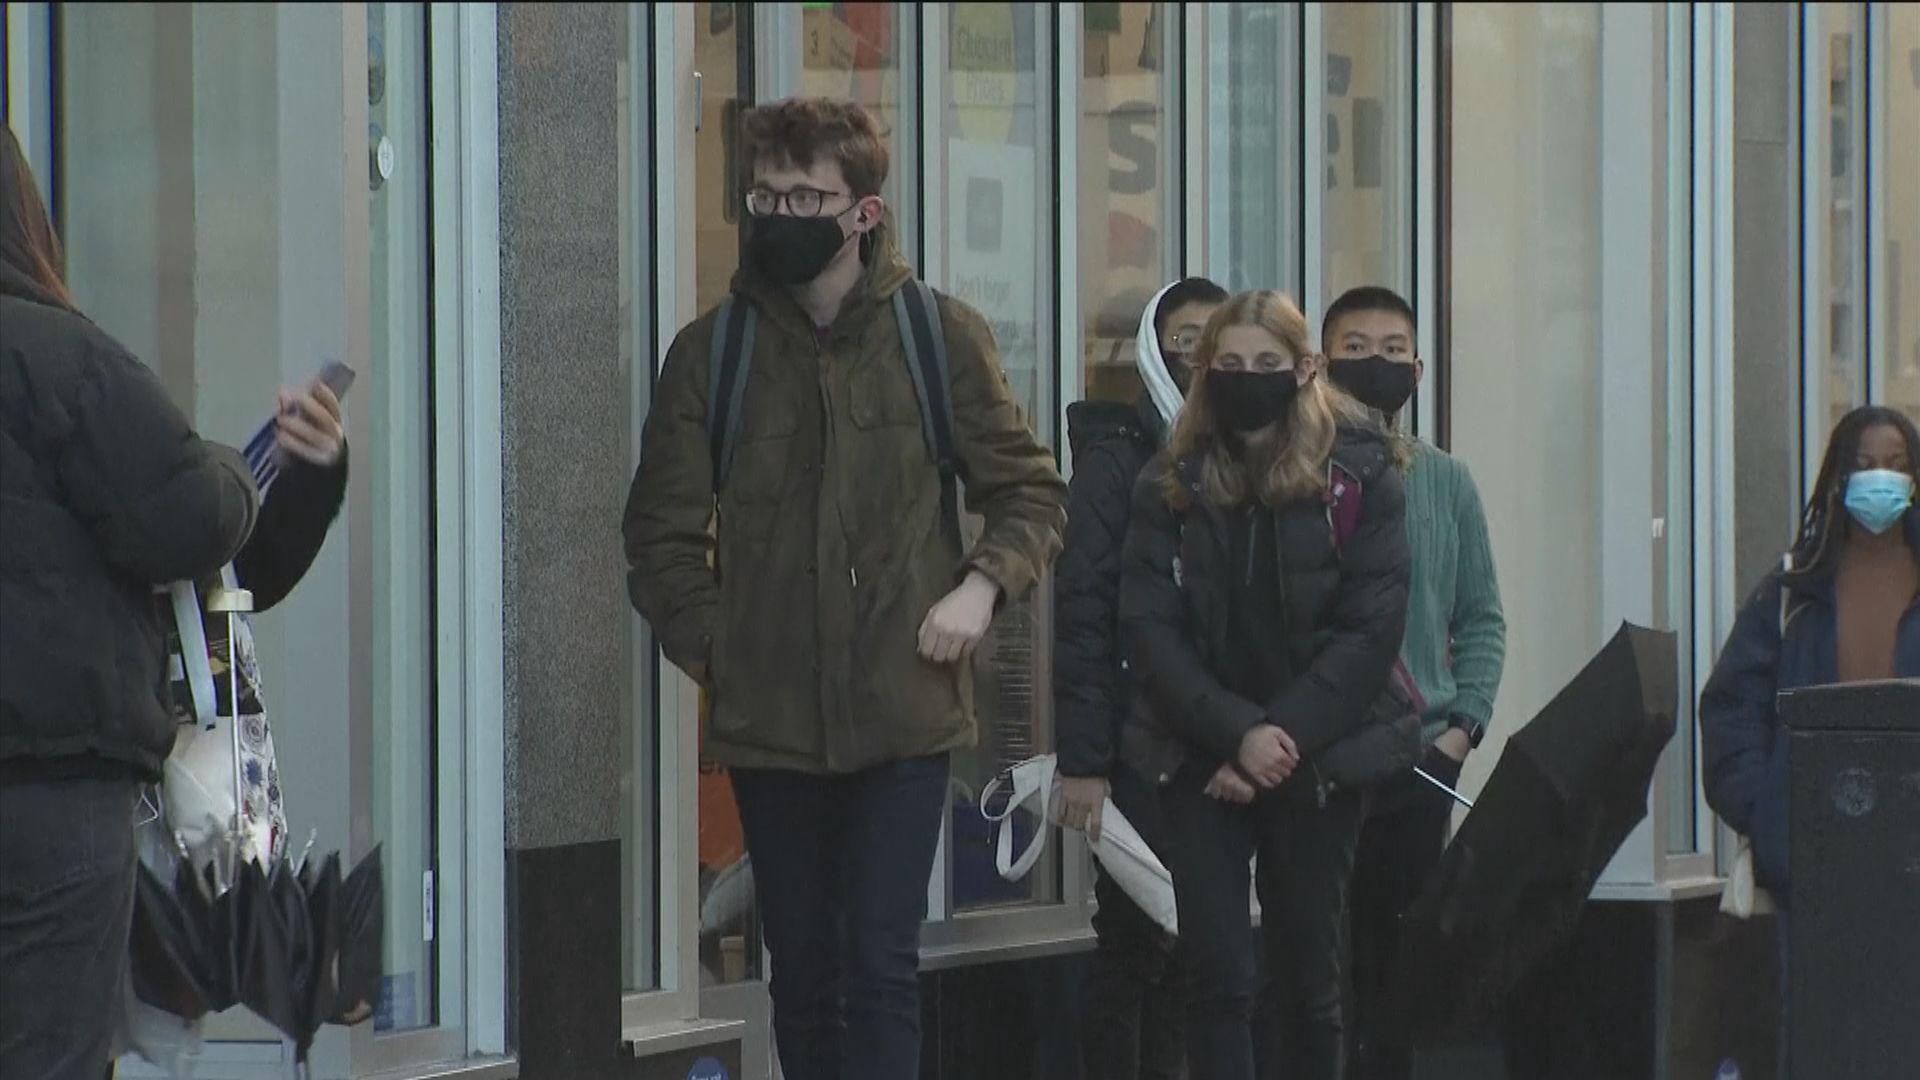 英國將公布新防疫措施 據報將推三級制封城